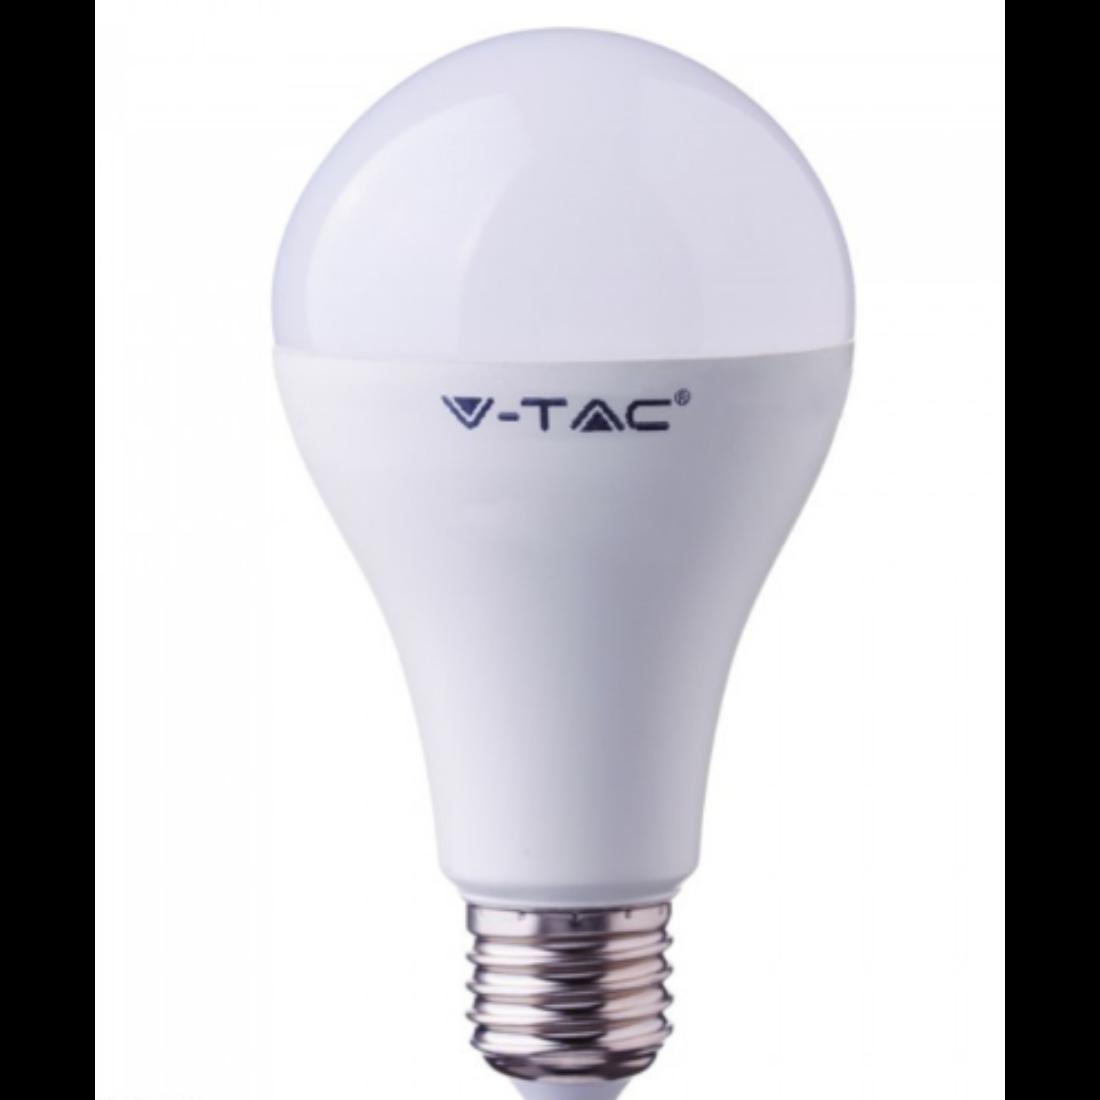 V-TAC led izzó 20W E27 A80 4000K - 2711